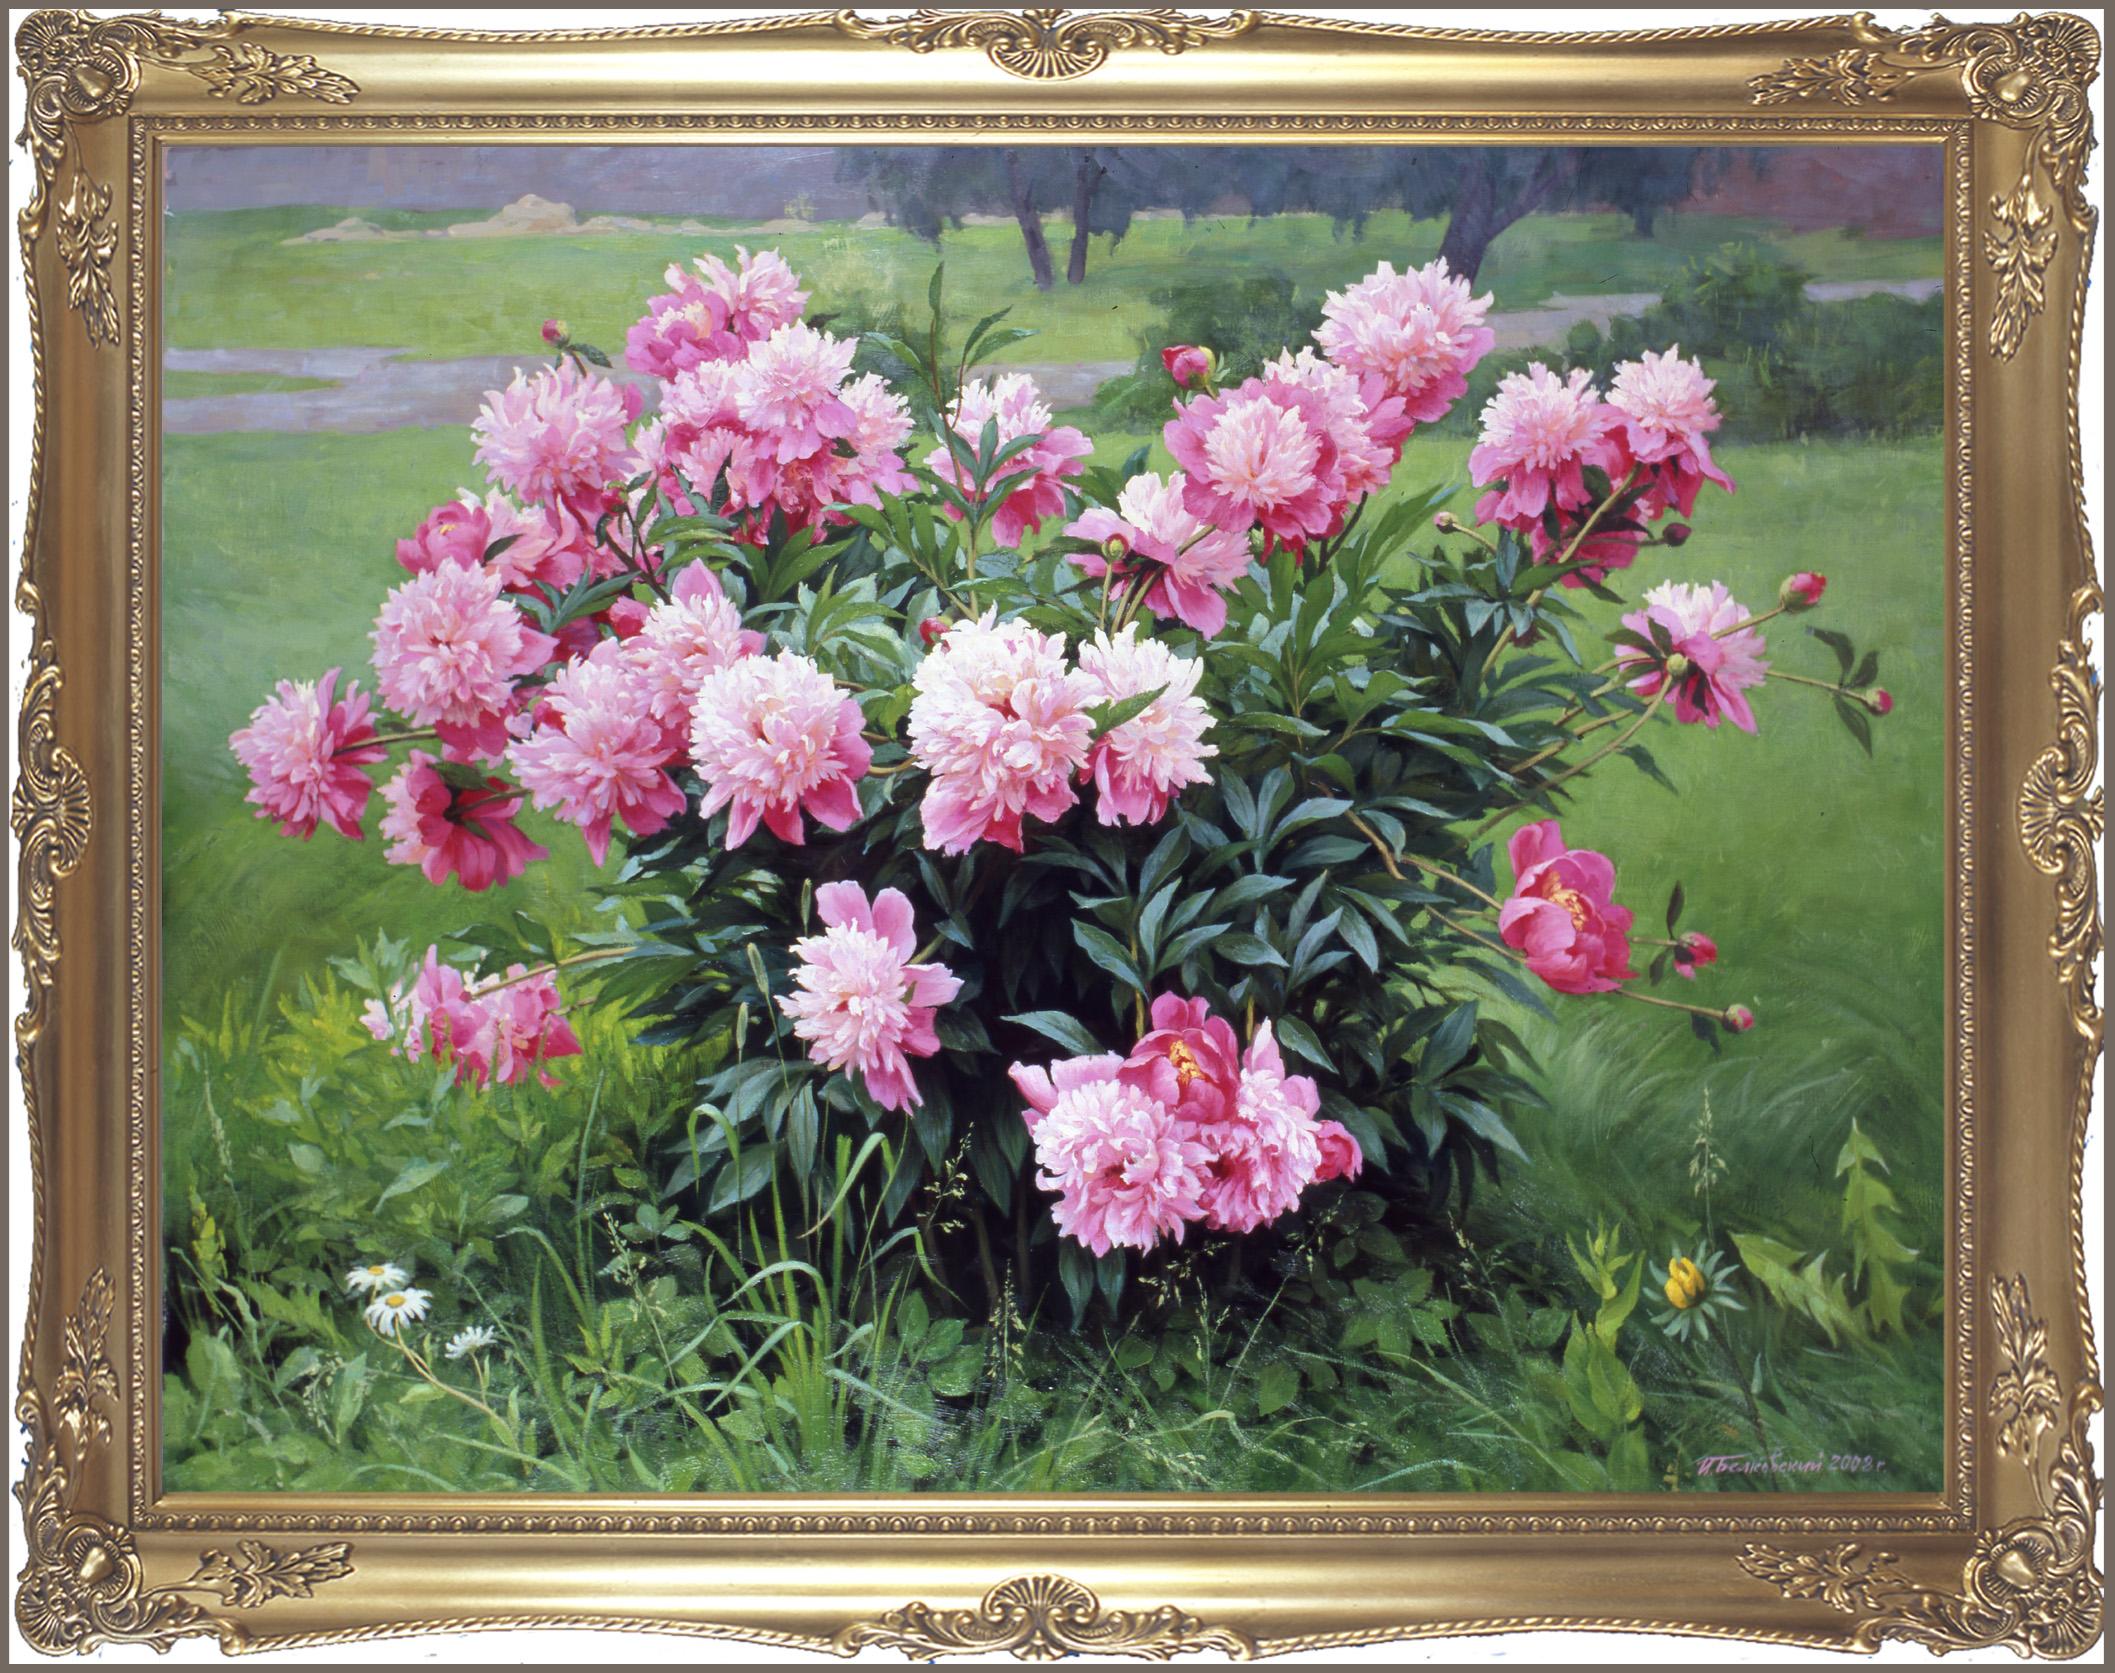 Gallery.ru / Игорь Белковский.  Куст пионов.  2008г - ПИОНы.  Живопись.